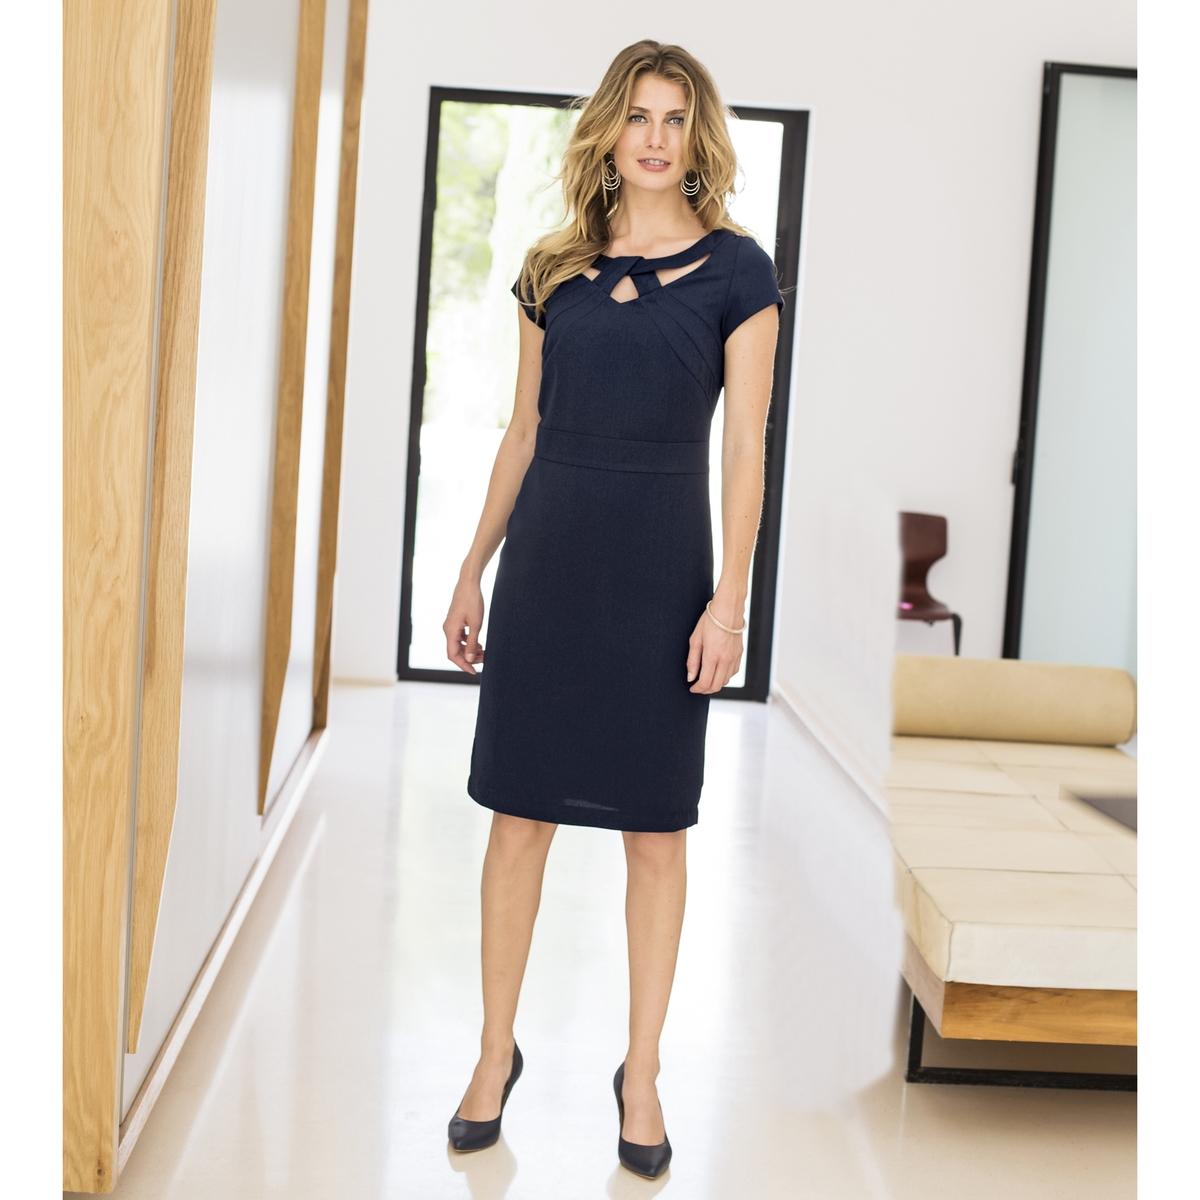 Imagen secundaria de producto de Vestido recto de sarga stretch y manga corta - Anne weyburn